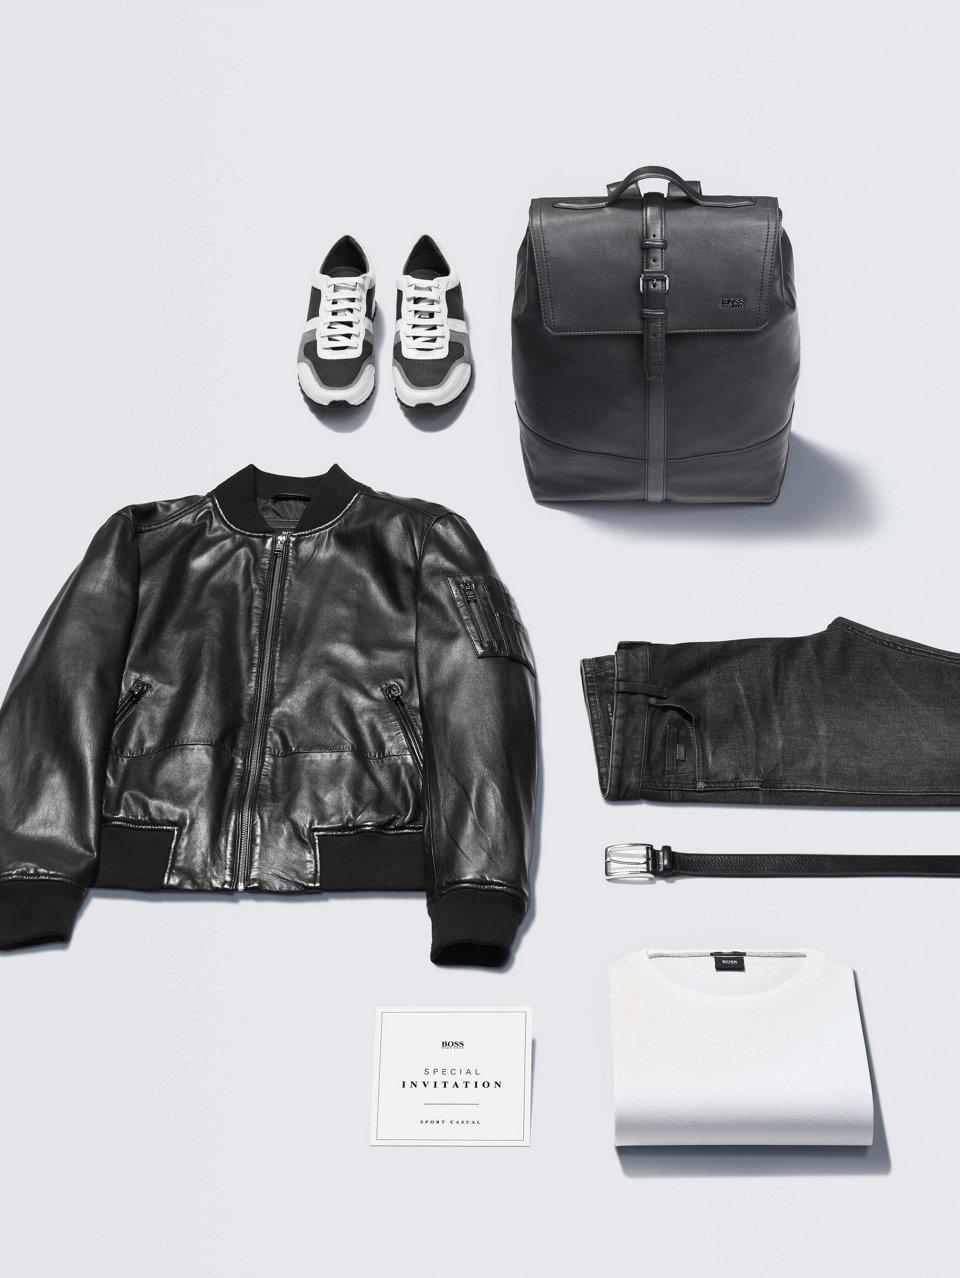 Schwarzes Sweatshirt und schwarze Jeans vonBOSS